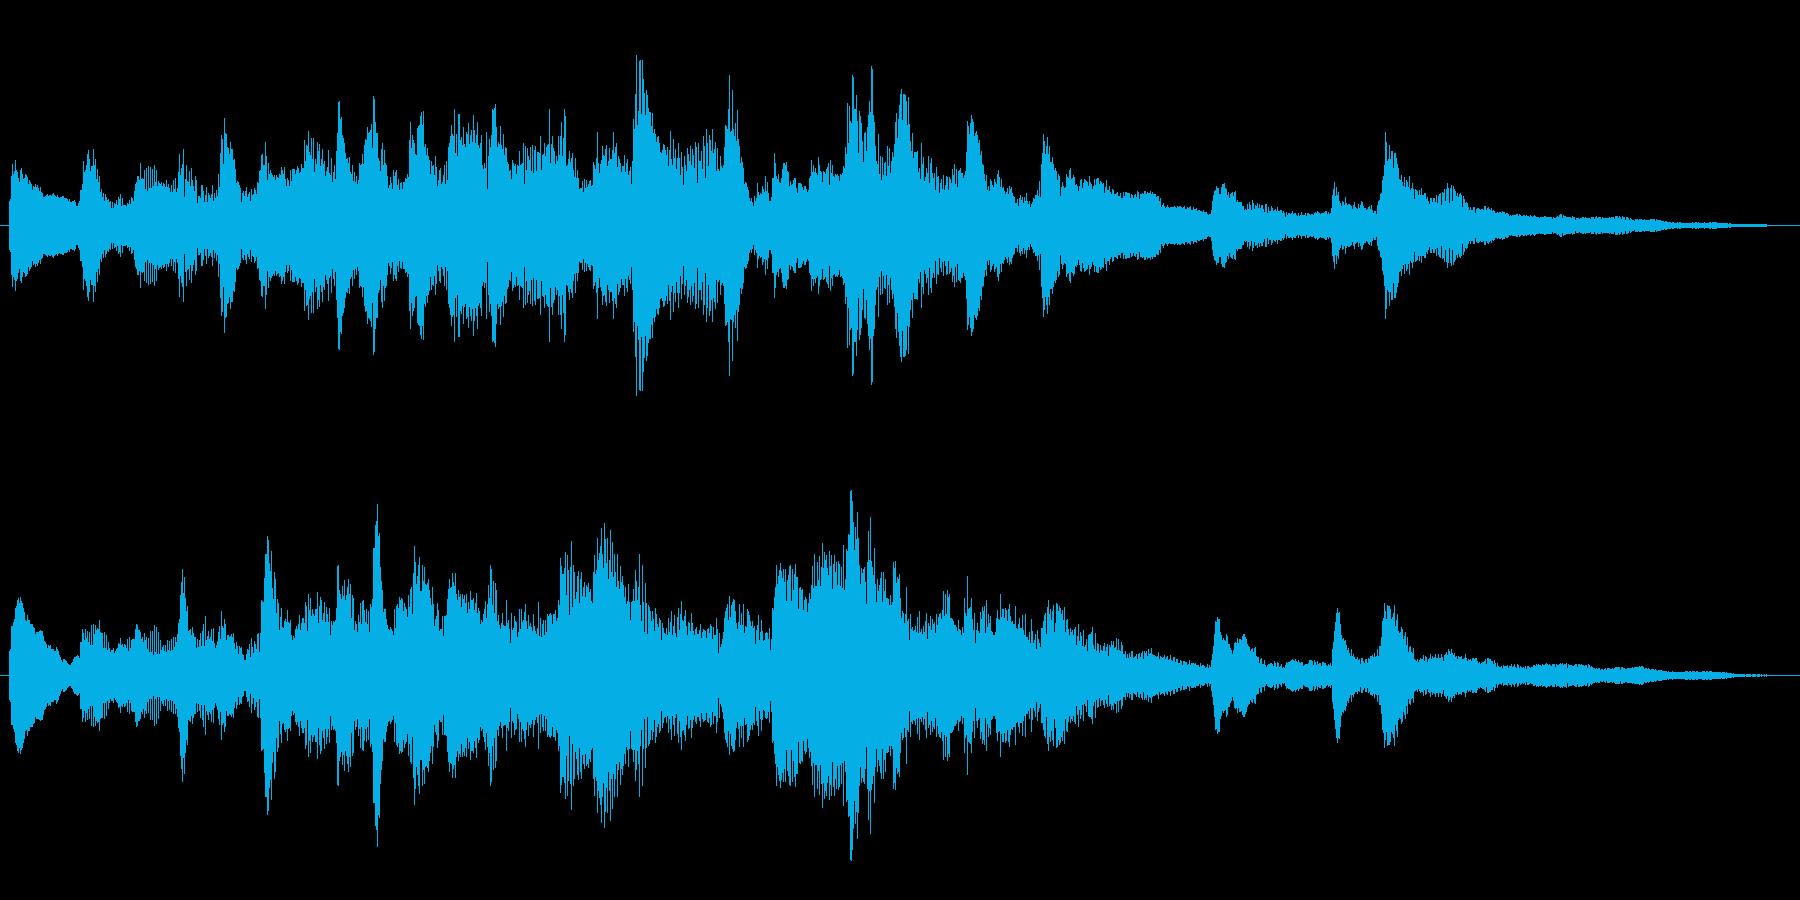 希望に向かって光溢れる、CM向けピアノ曲の再生済みの波形